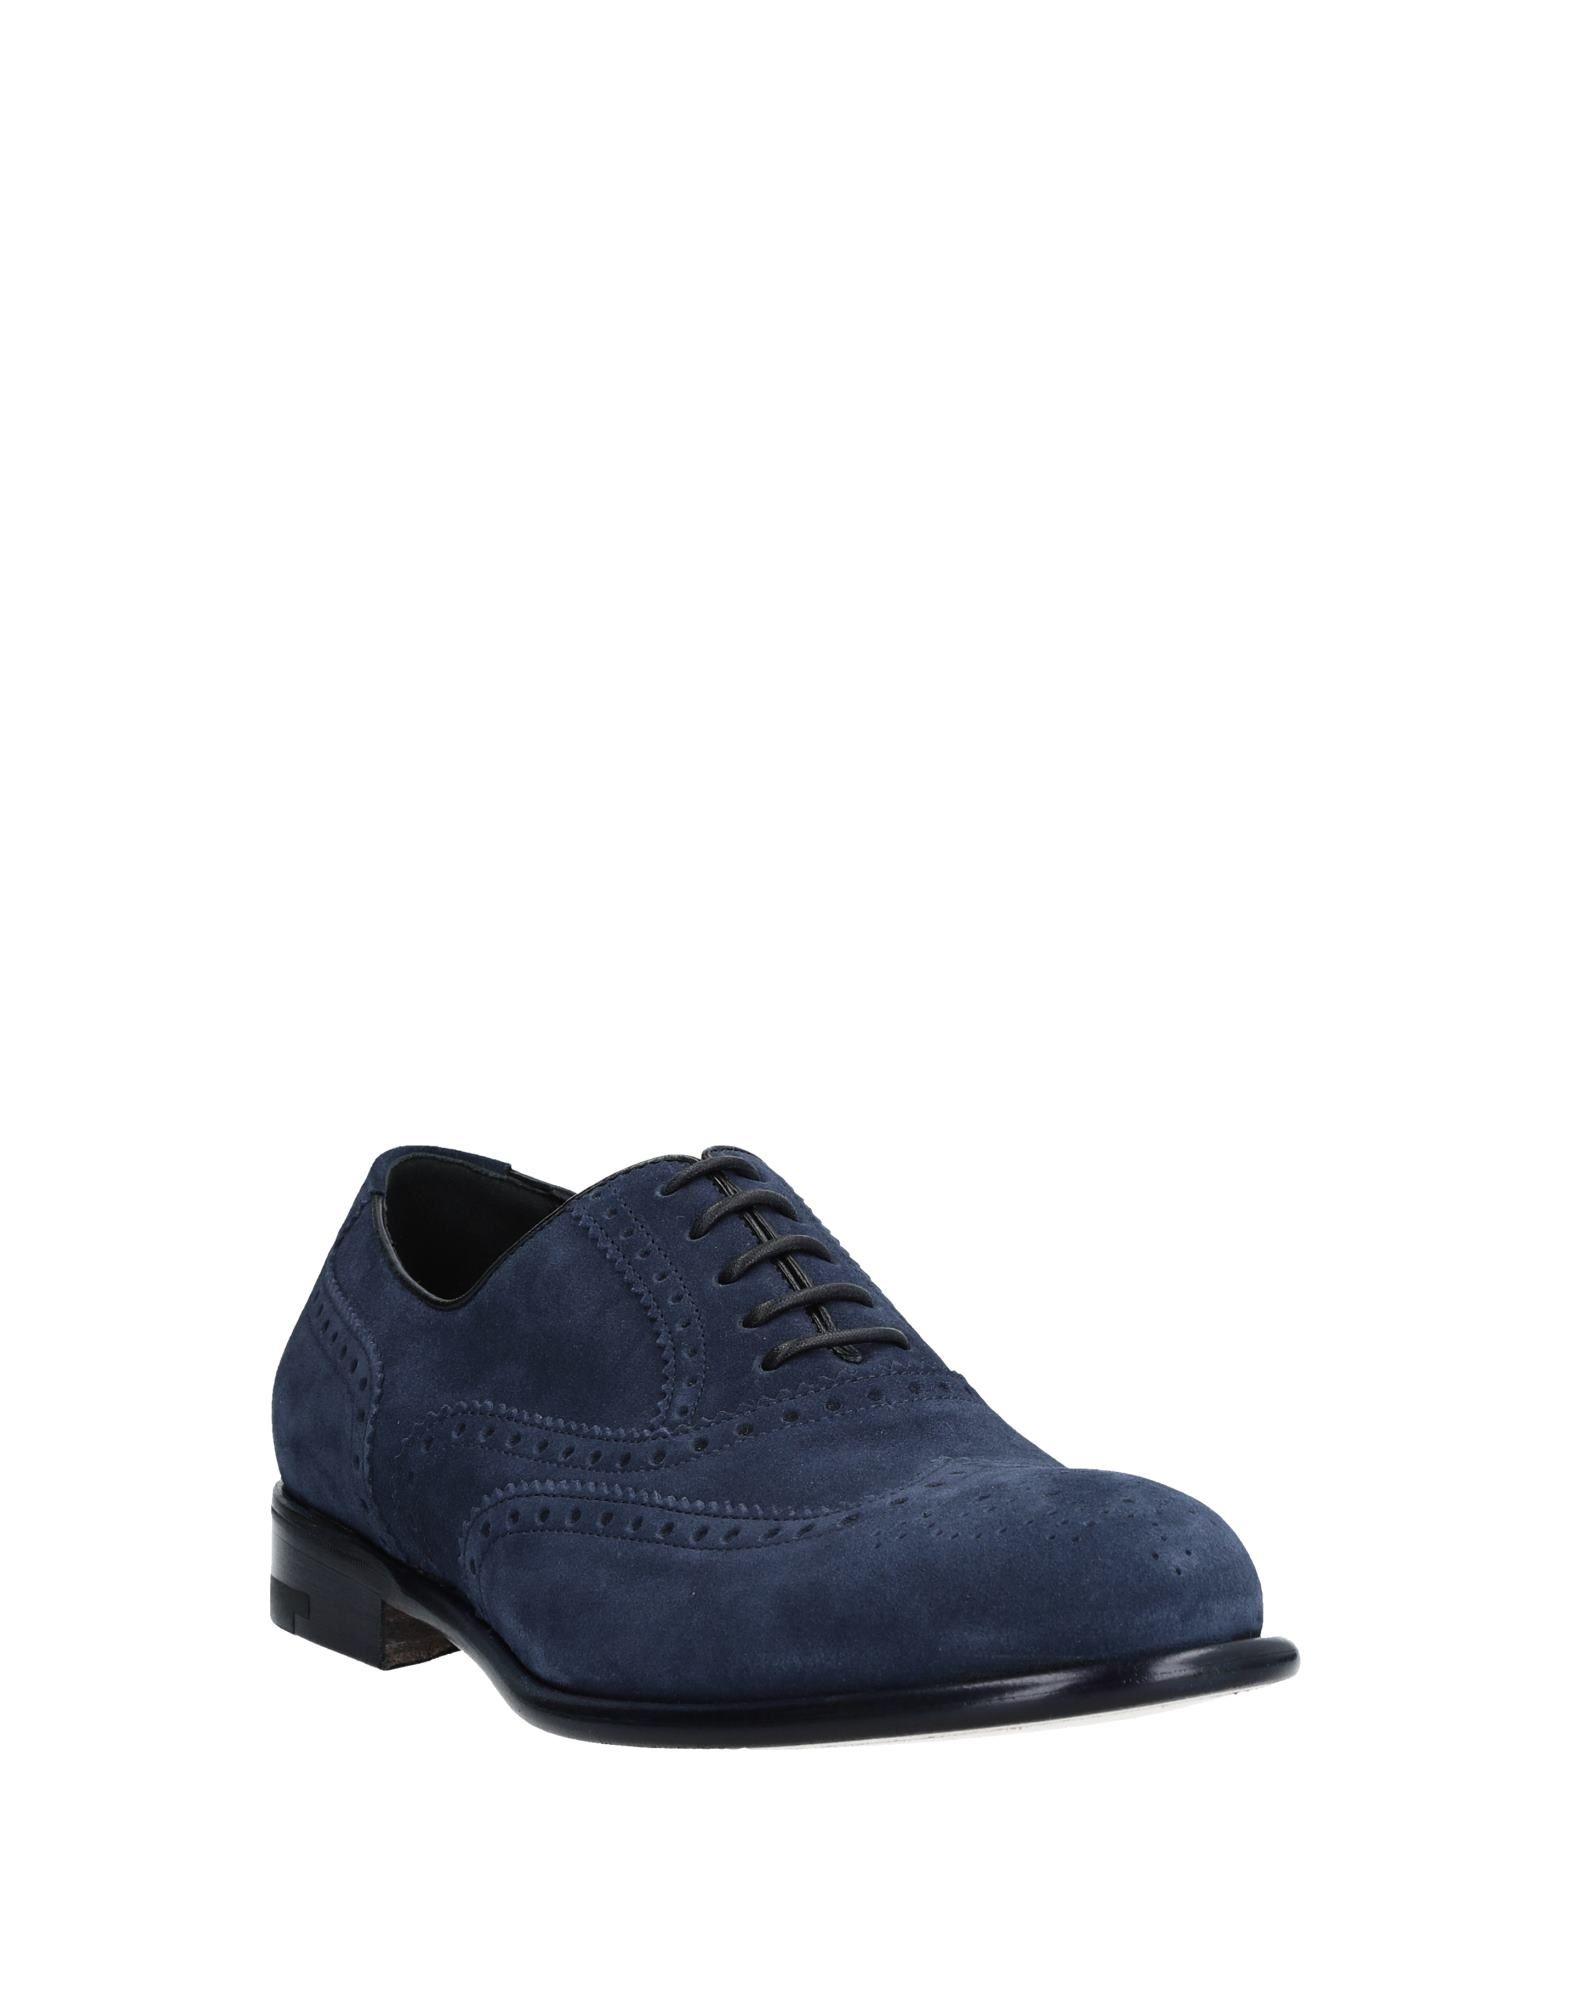 A.Testoni Schnürschuhe Herren  11543838NL Gute Qualität beliebte Schuhe